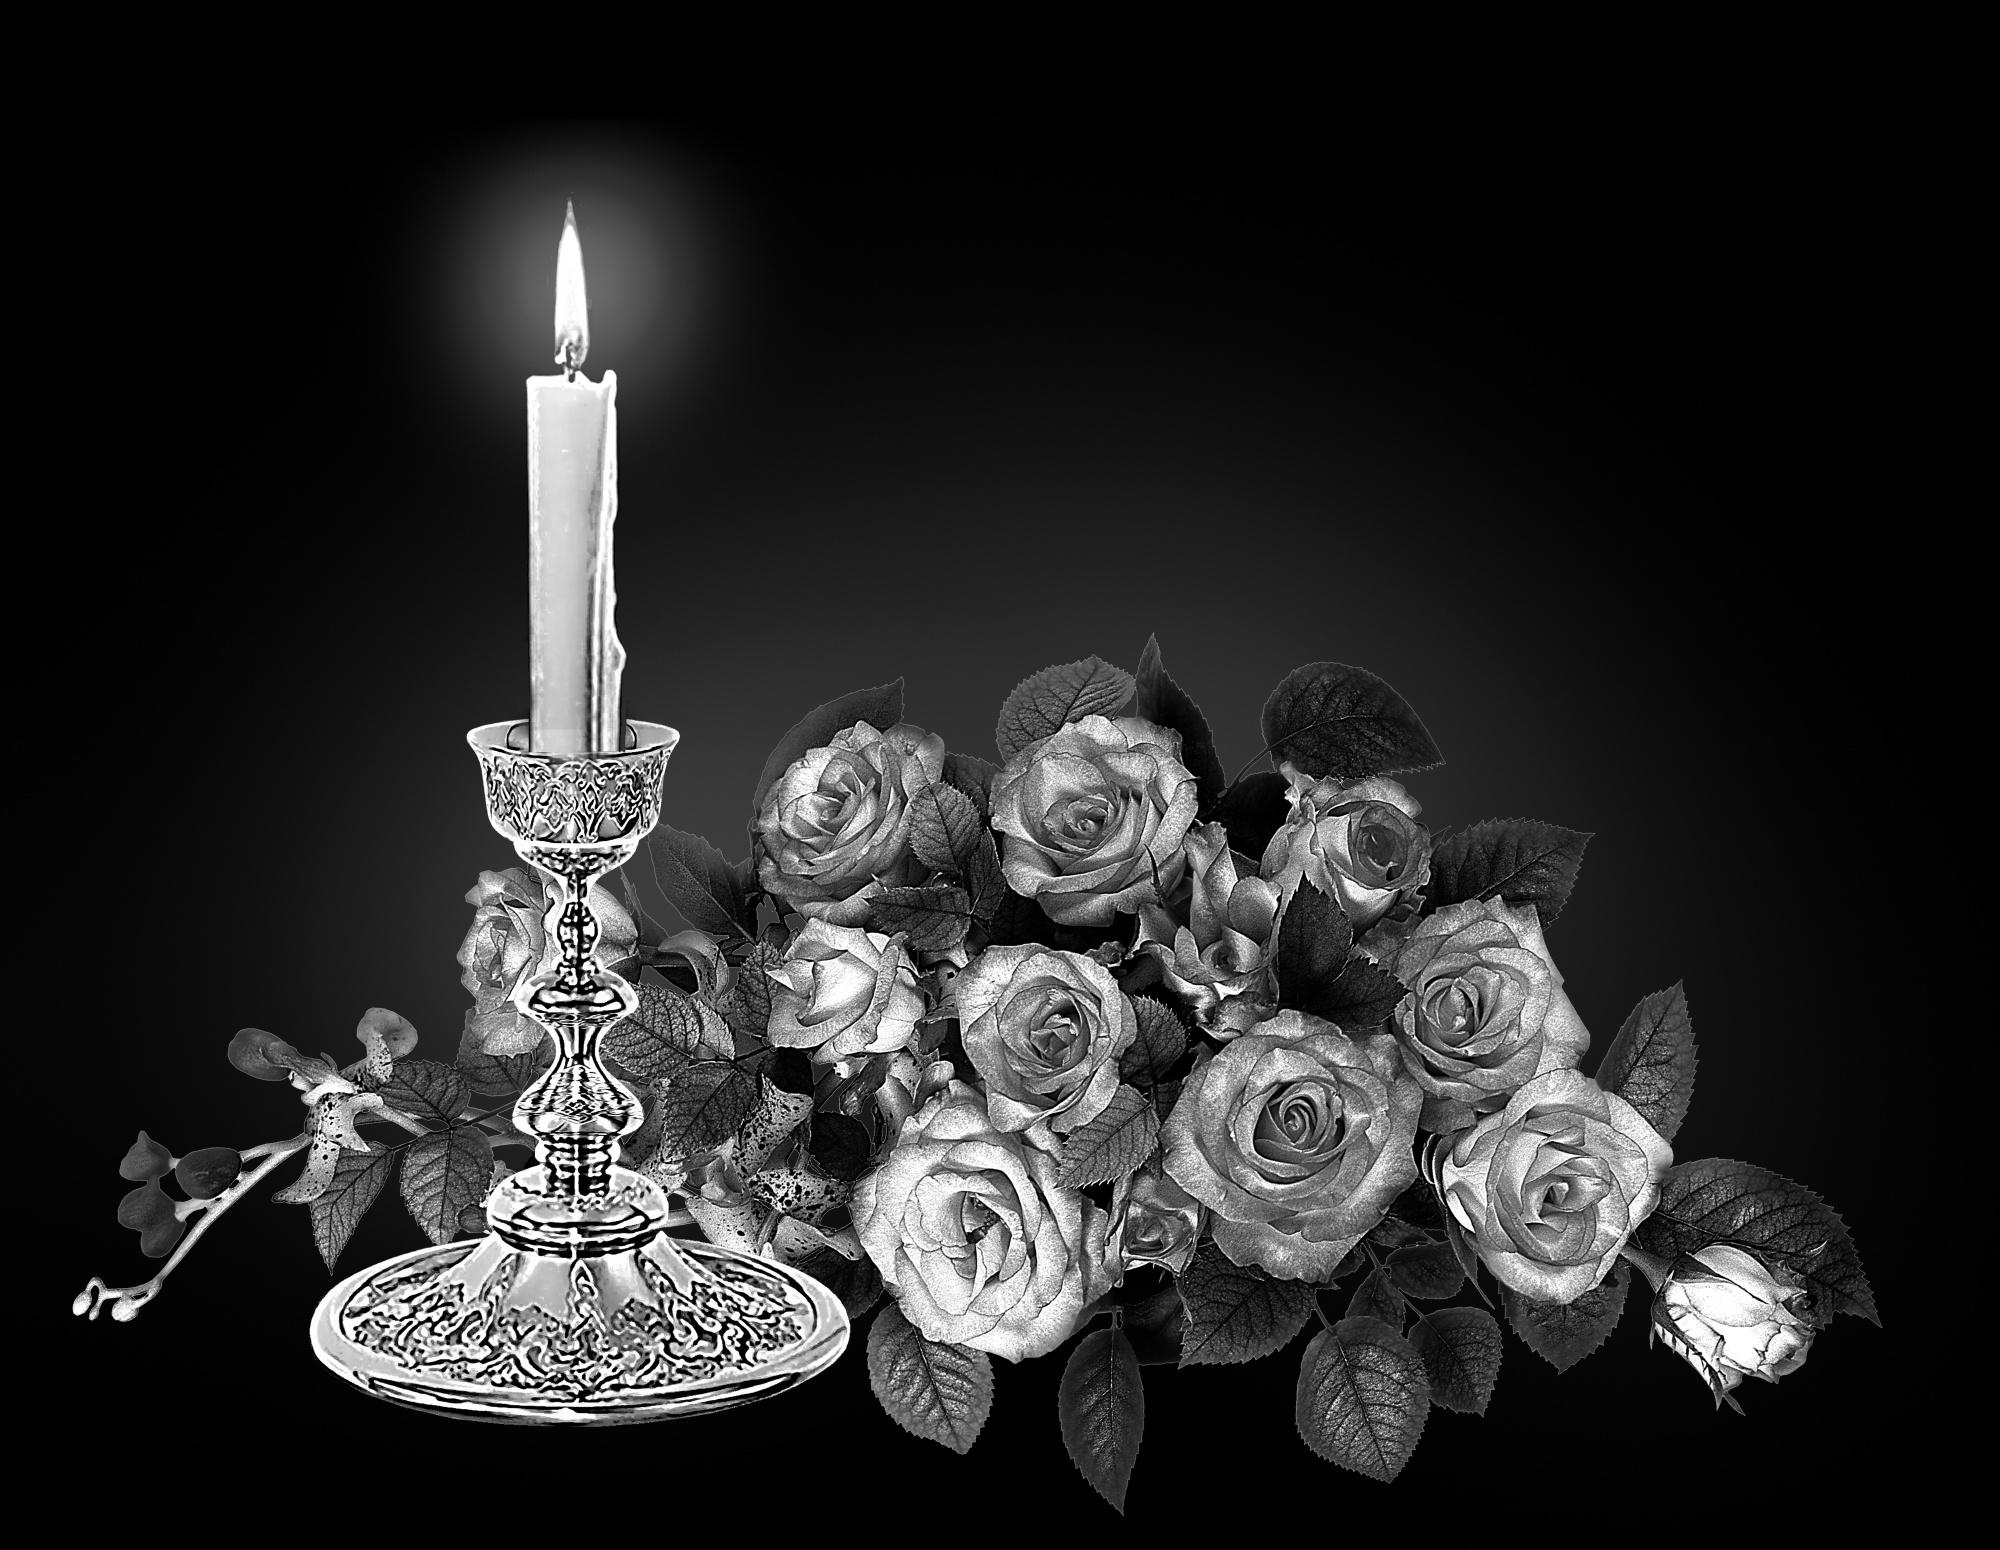 рекомендовали остаться картинки цветов и свечей на надгробии результате олейников